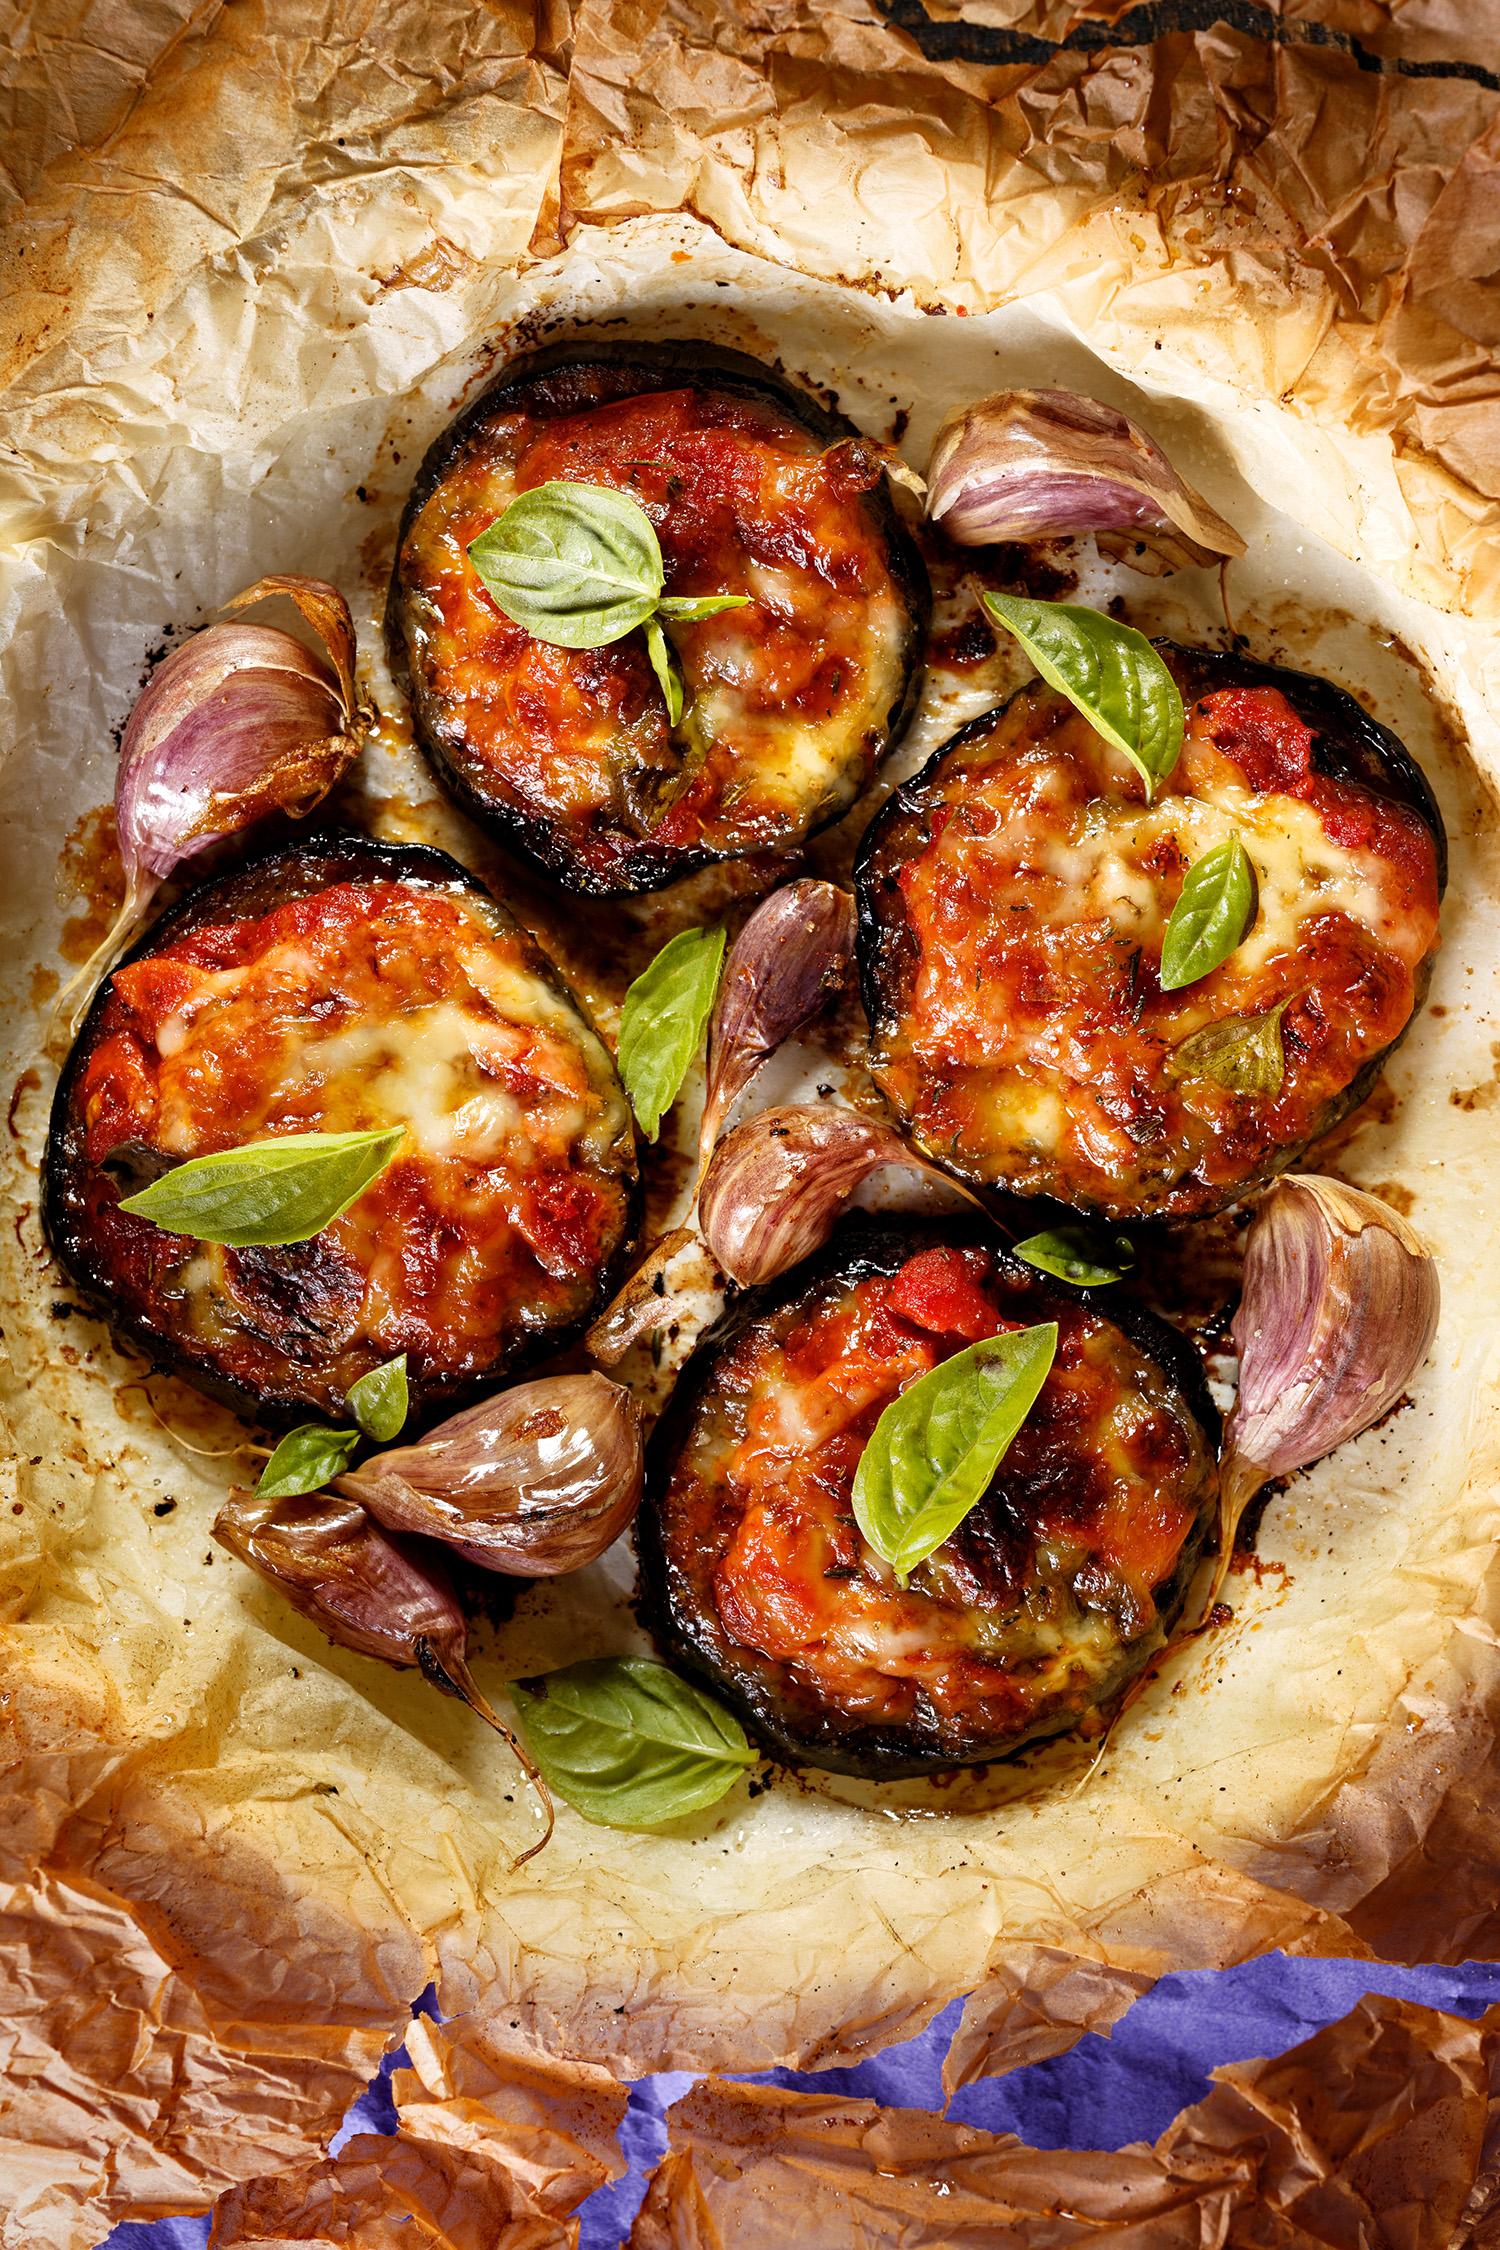 Roasted Eggplant Parm